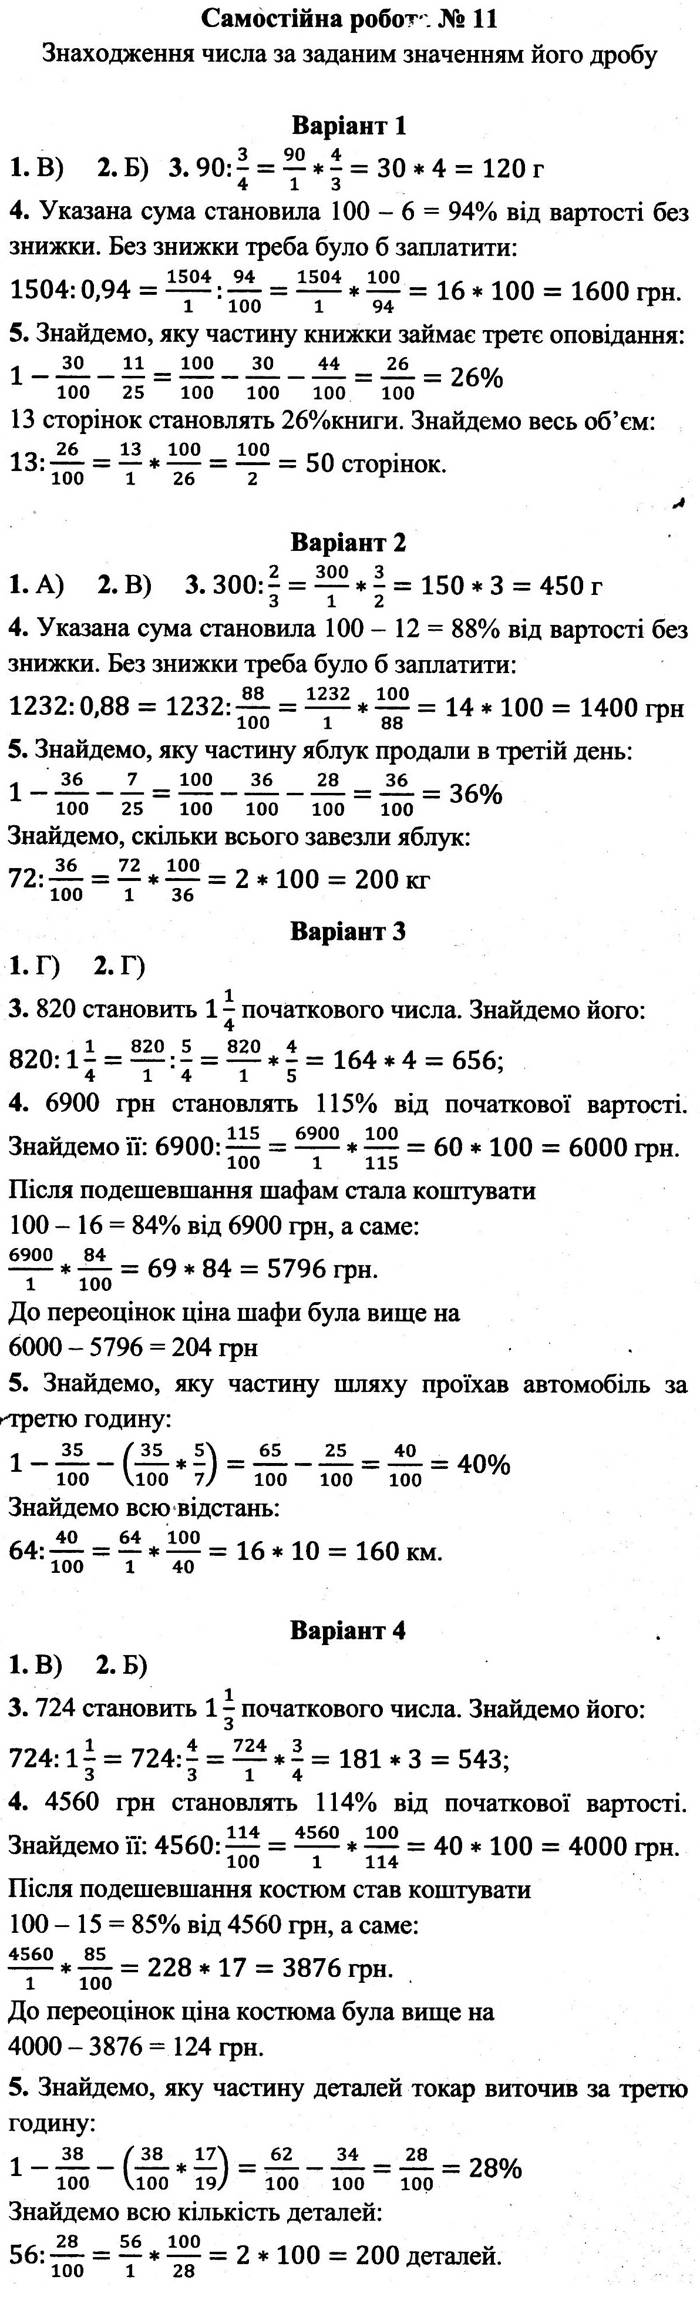 Розв'язання завдань до самостійної роботи 11 посібника 6 клас Математика Мерзляк (збірник самостійних робіт і тестів) 2020 рік